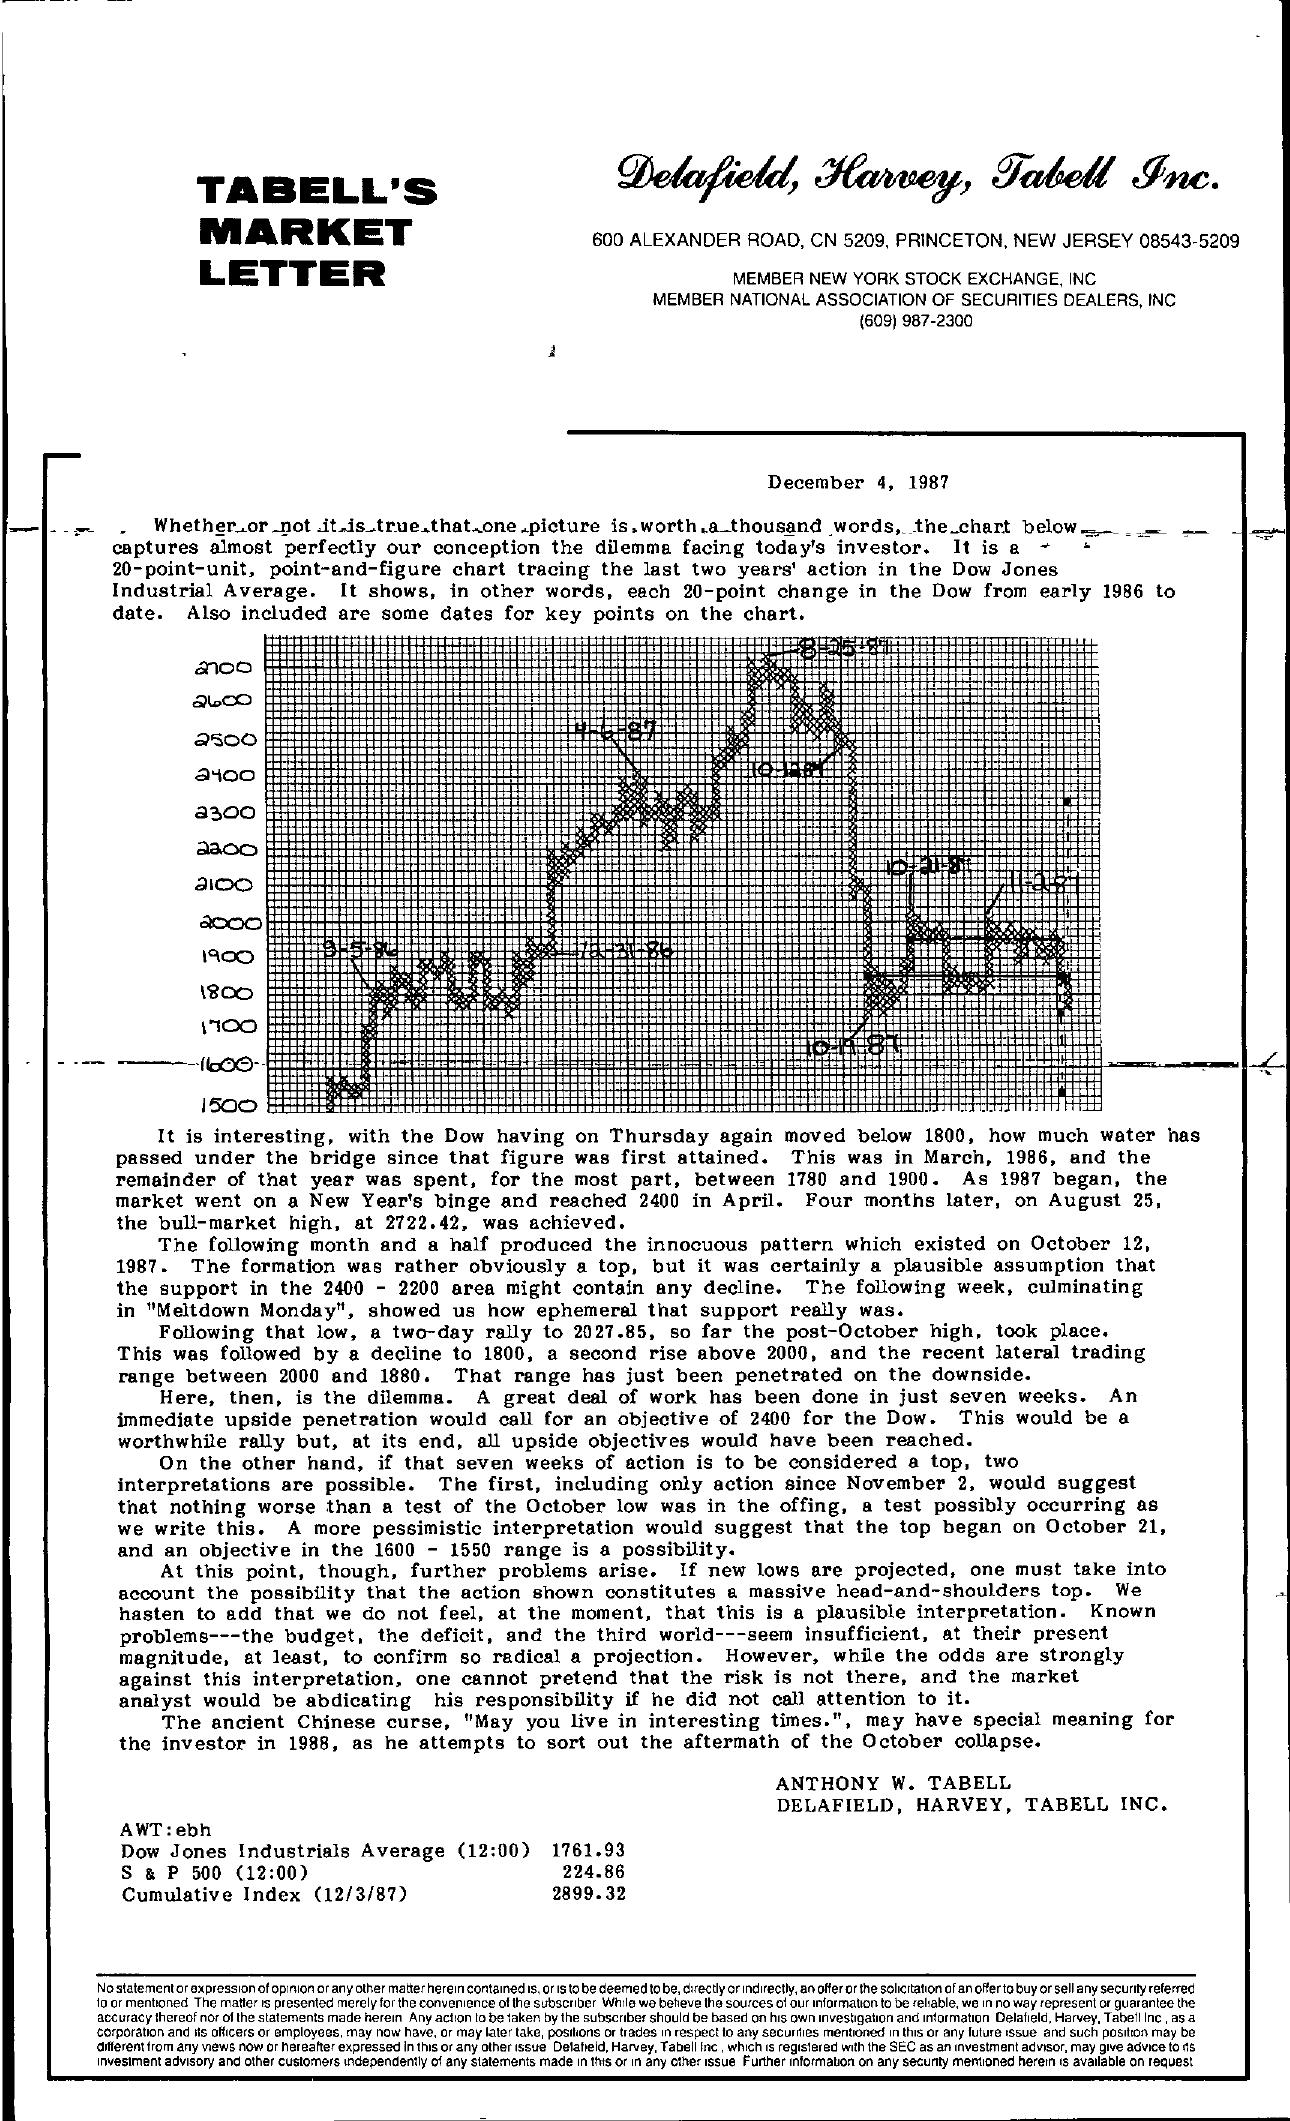 Tabell's Market Letter - December 04, 1987